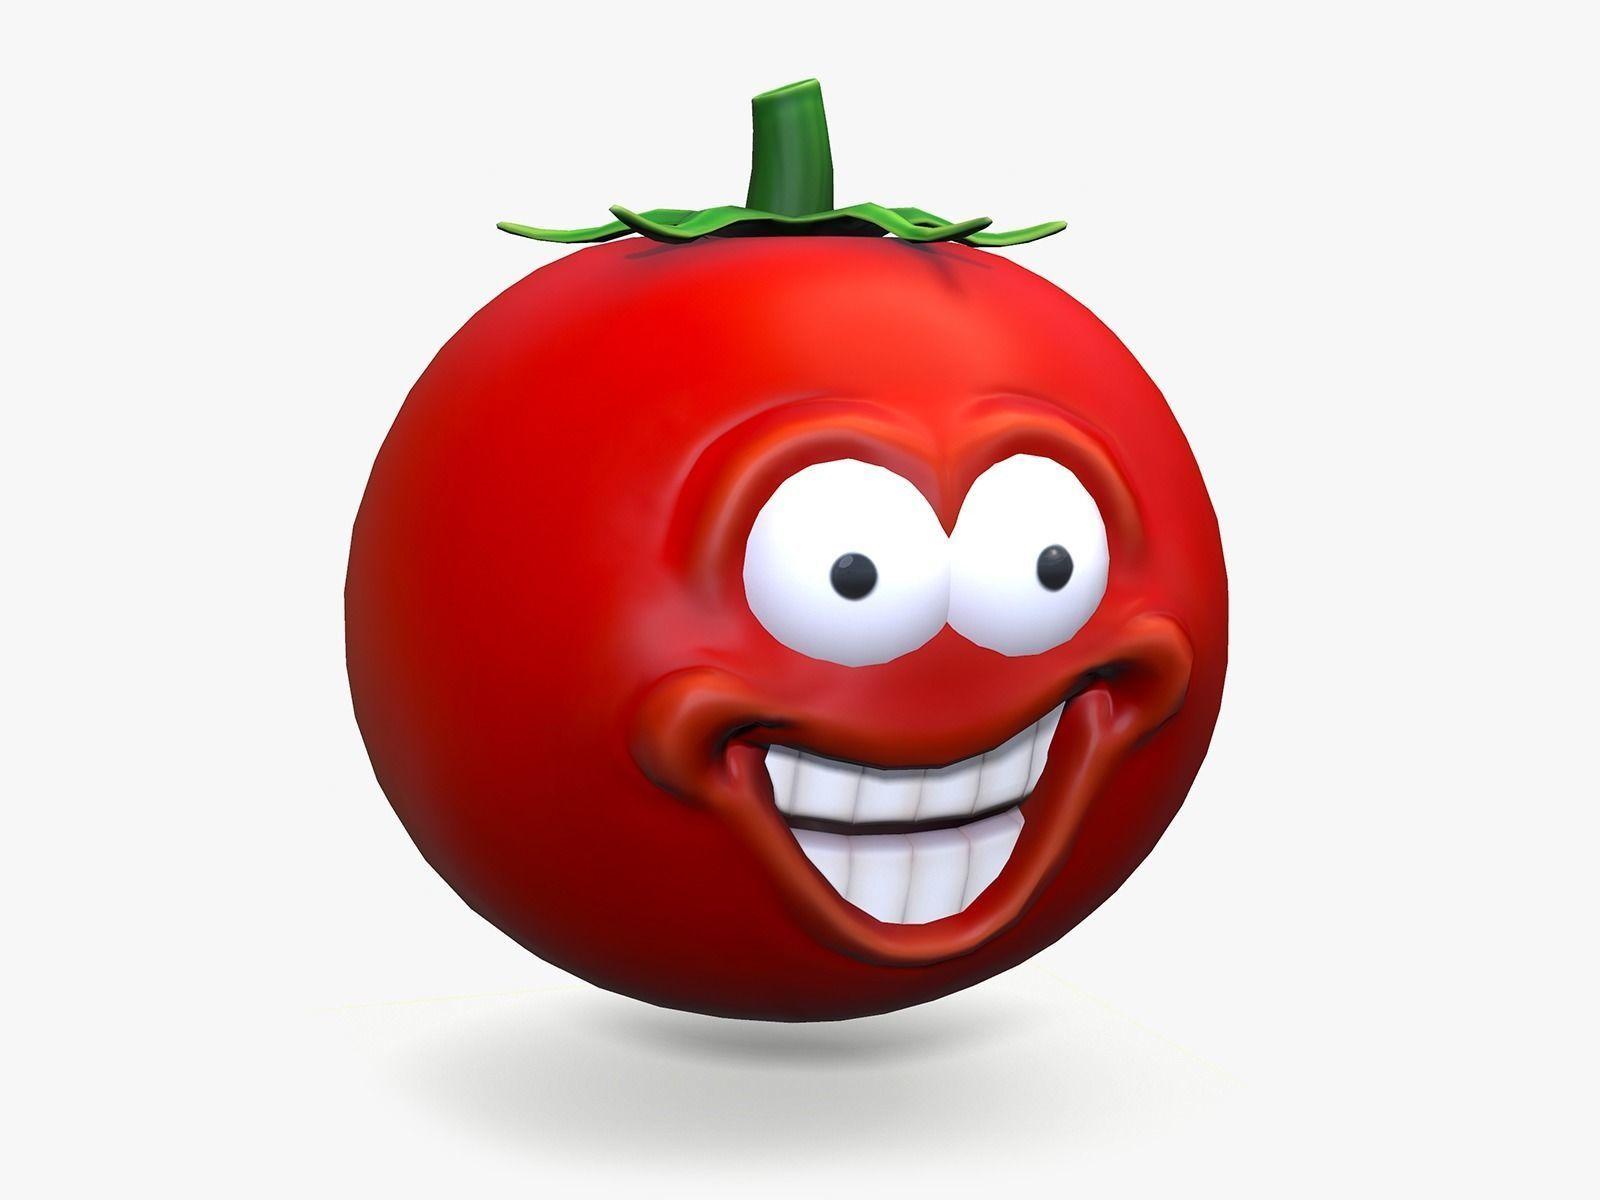 Cartoon Smiley Tomato